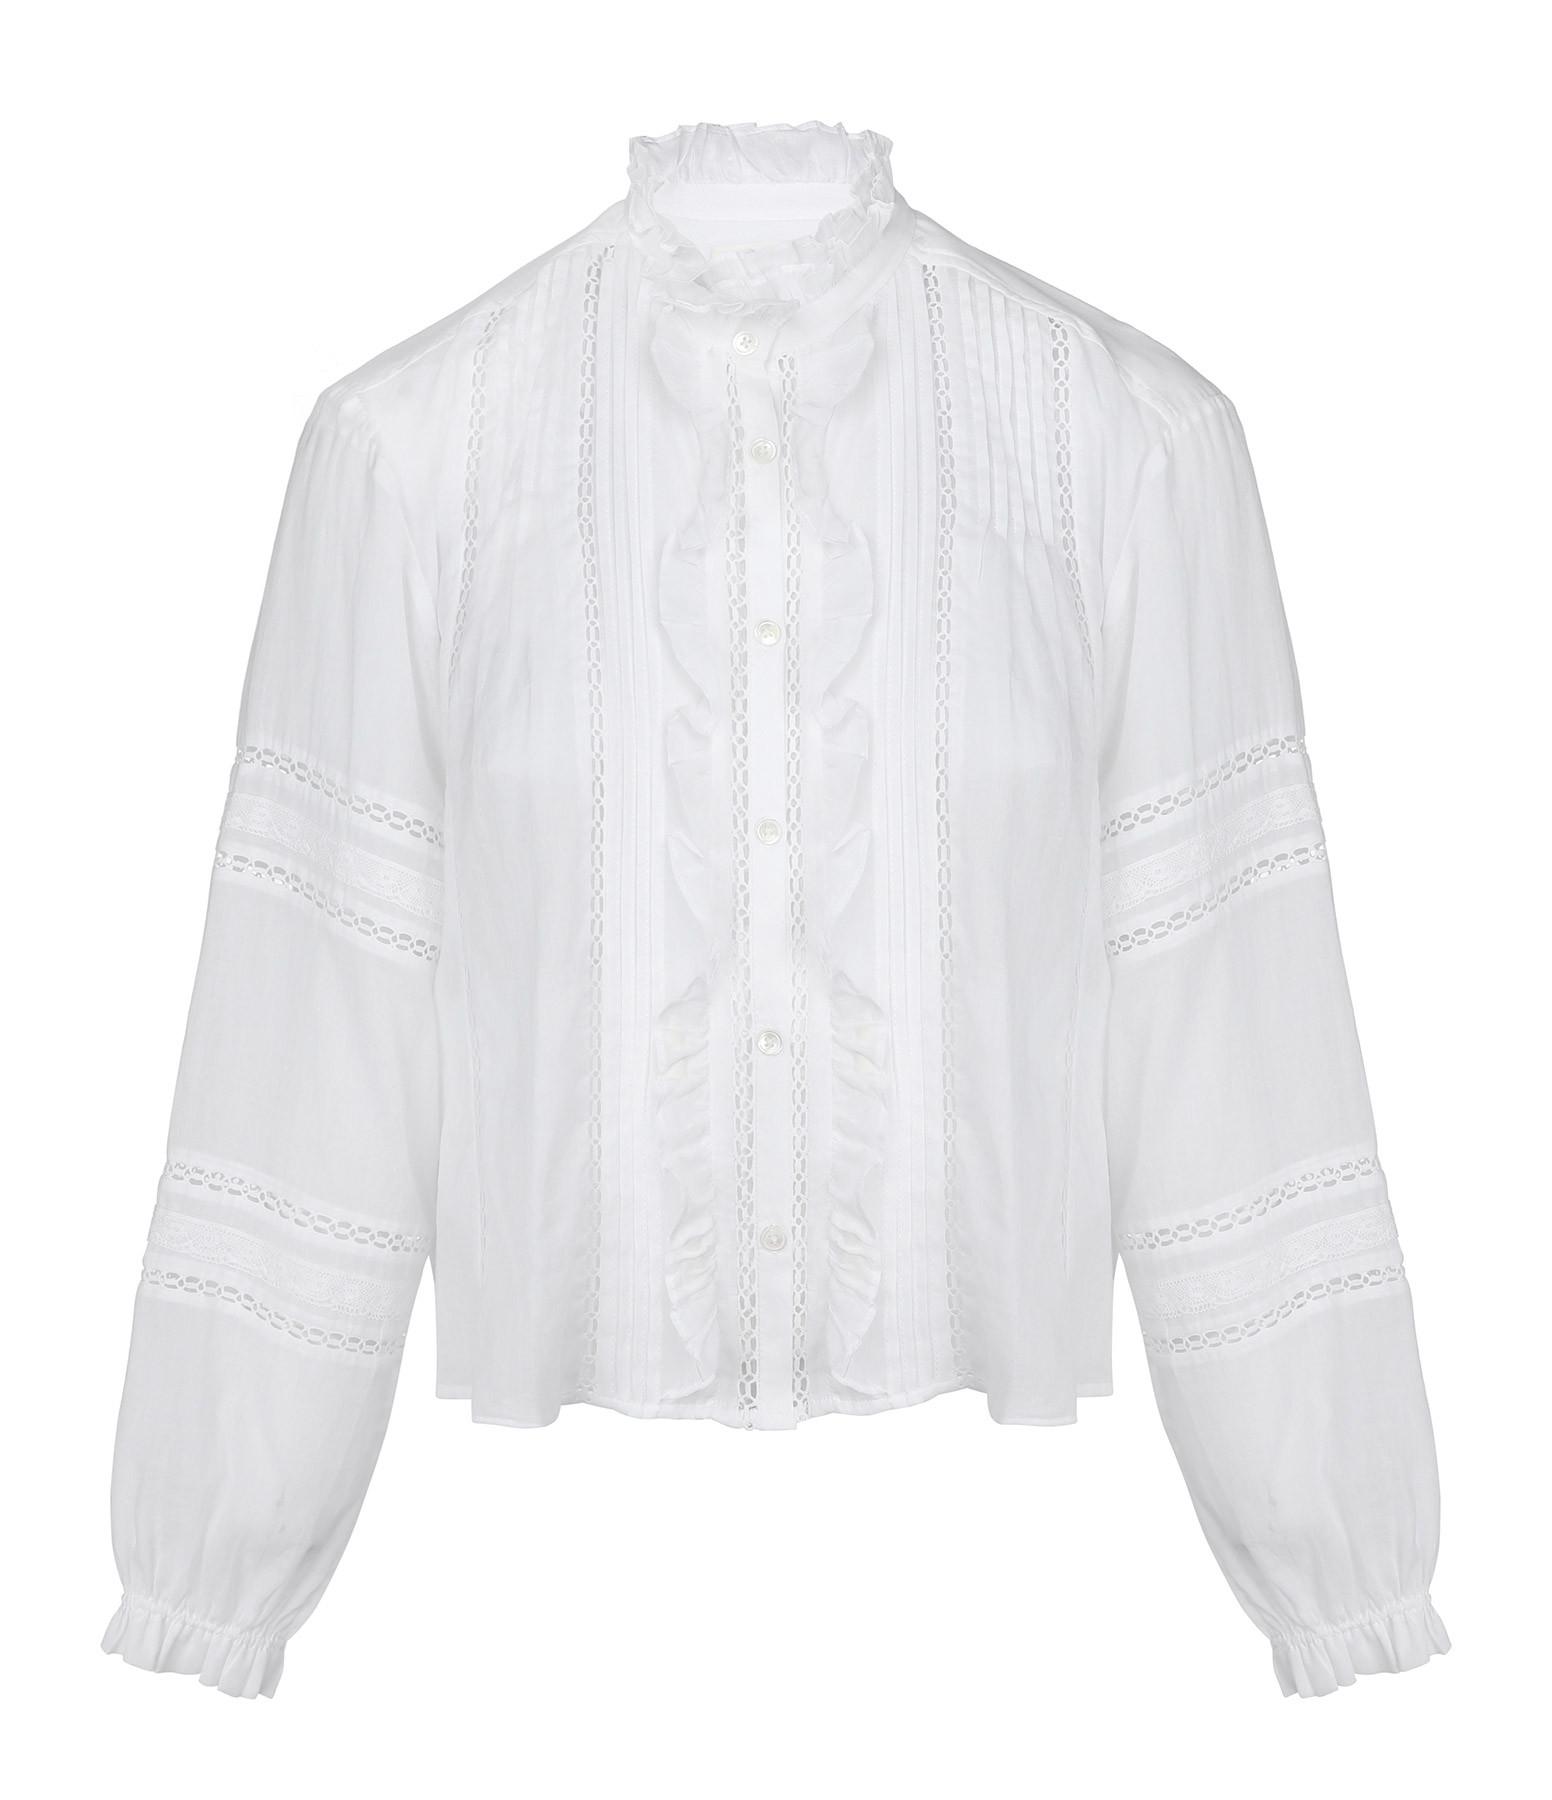 ISABEL MARANT ÉTOILE - Chemise Valda Coton Blanc